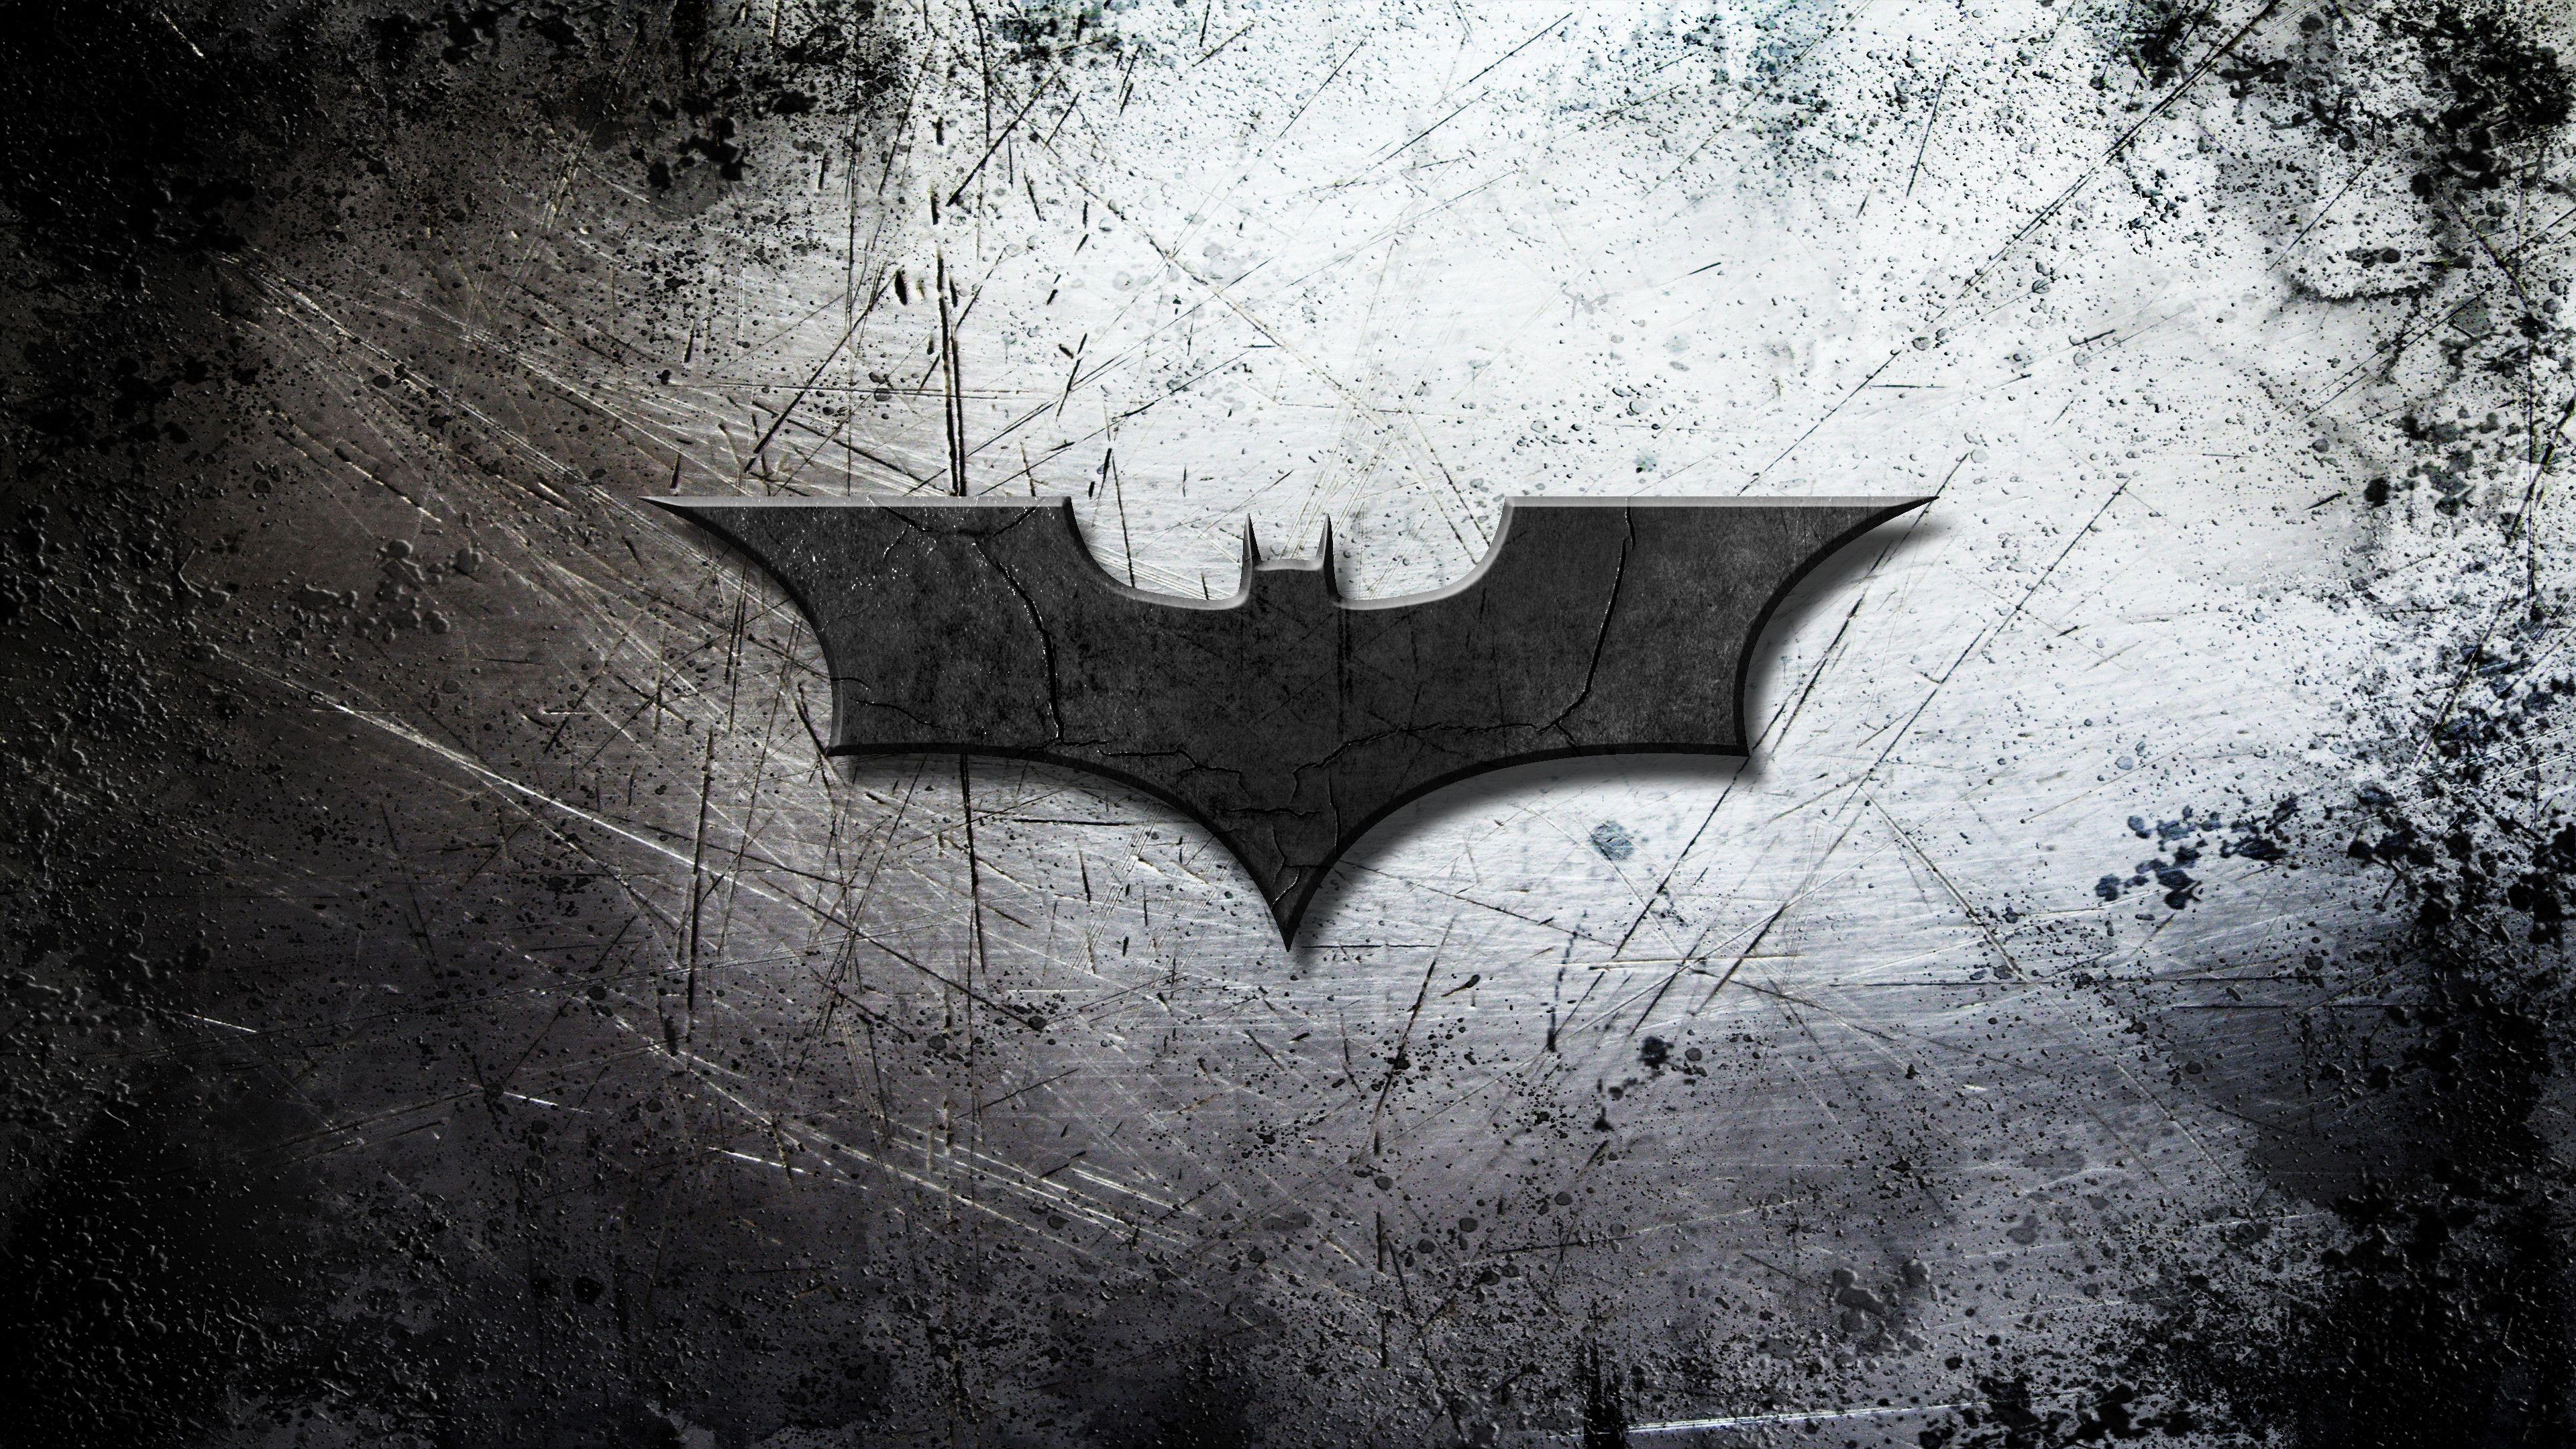 batman wallpapers hd - wallpaper cave